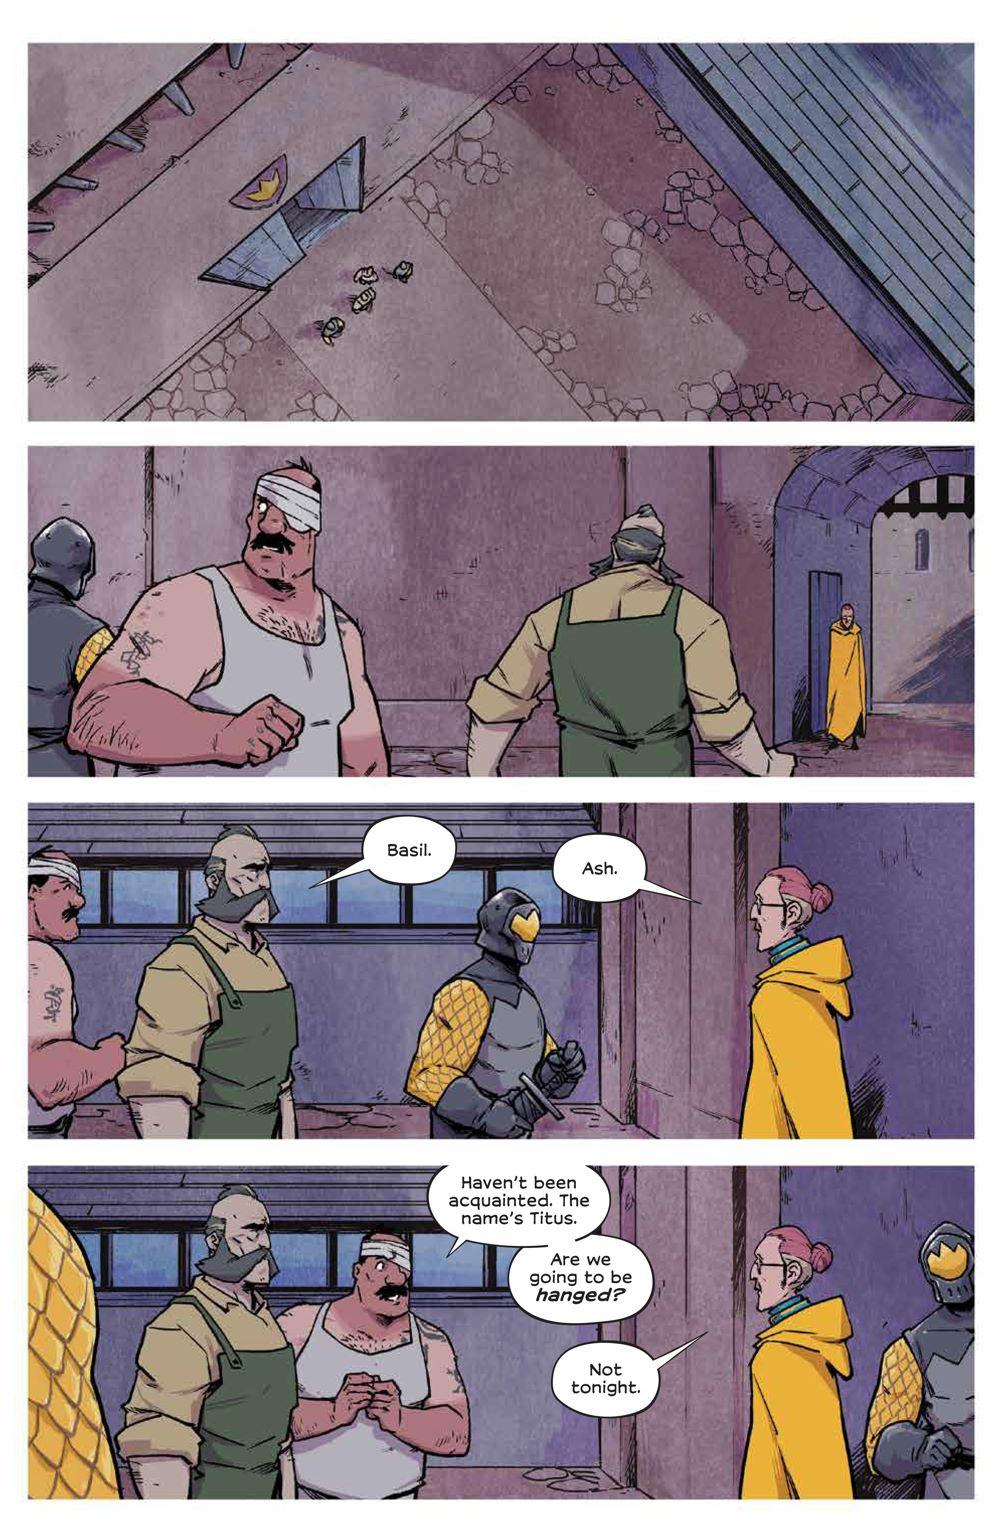 Wynd_007_PRESS_4 ComicList Previews: WYND #7